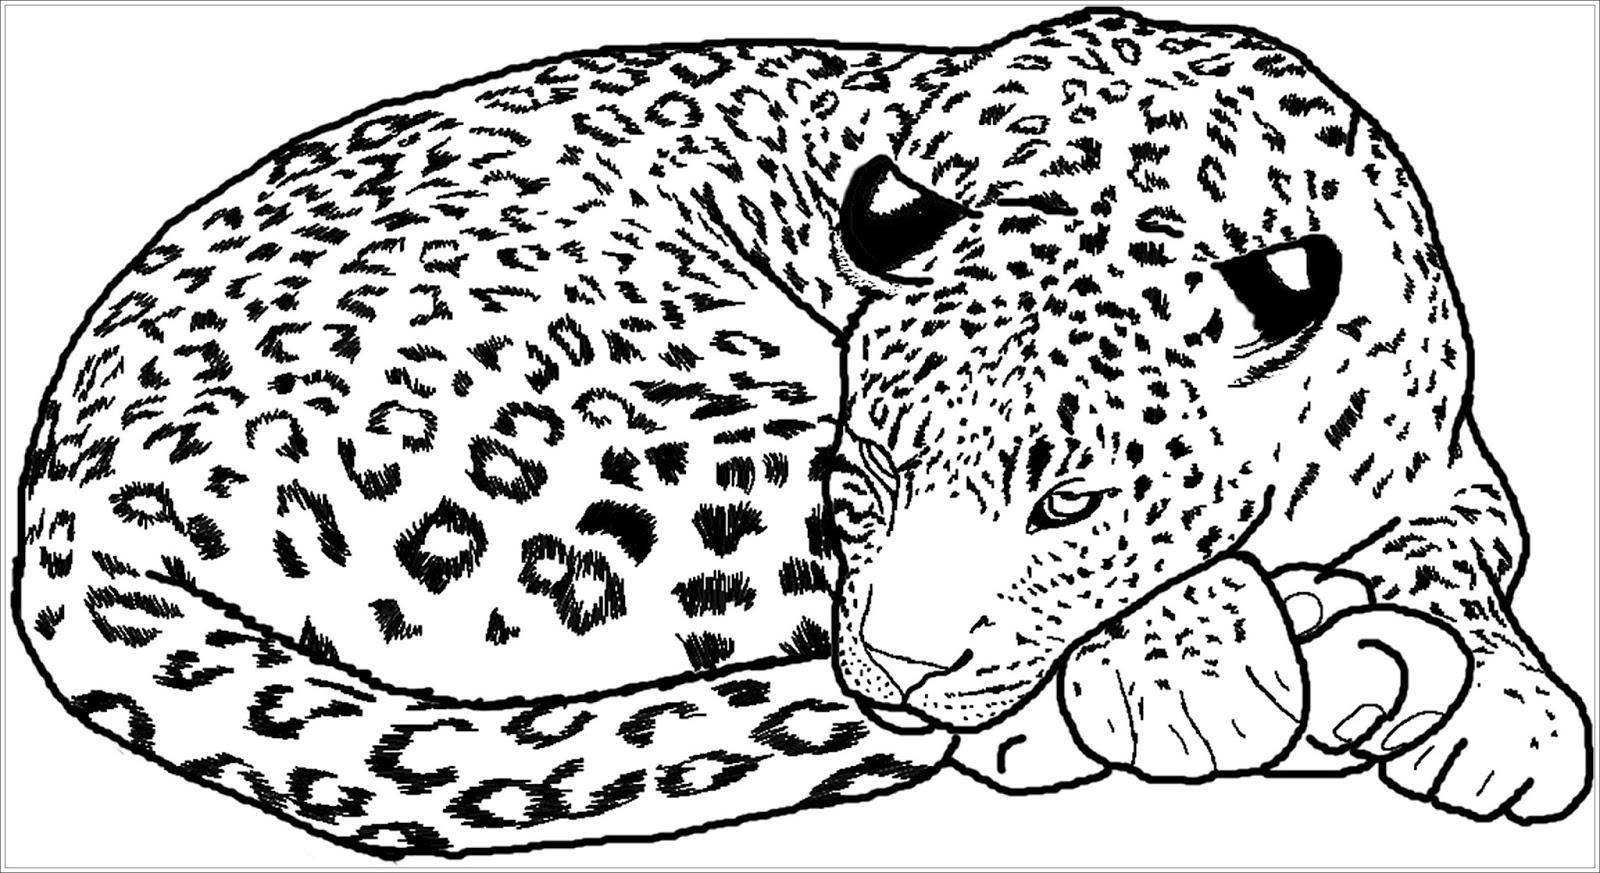 Ausmalbilder zum Ausdrucken: Ausmalbilder Gepard Kostenlos